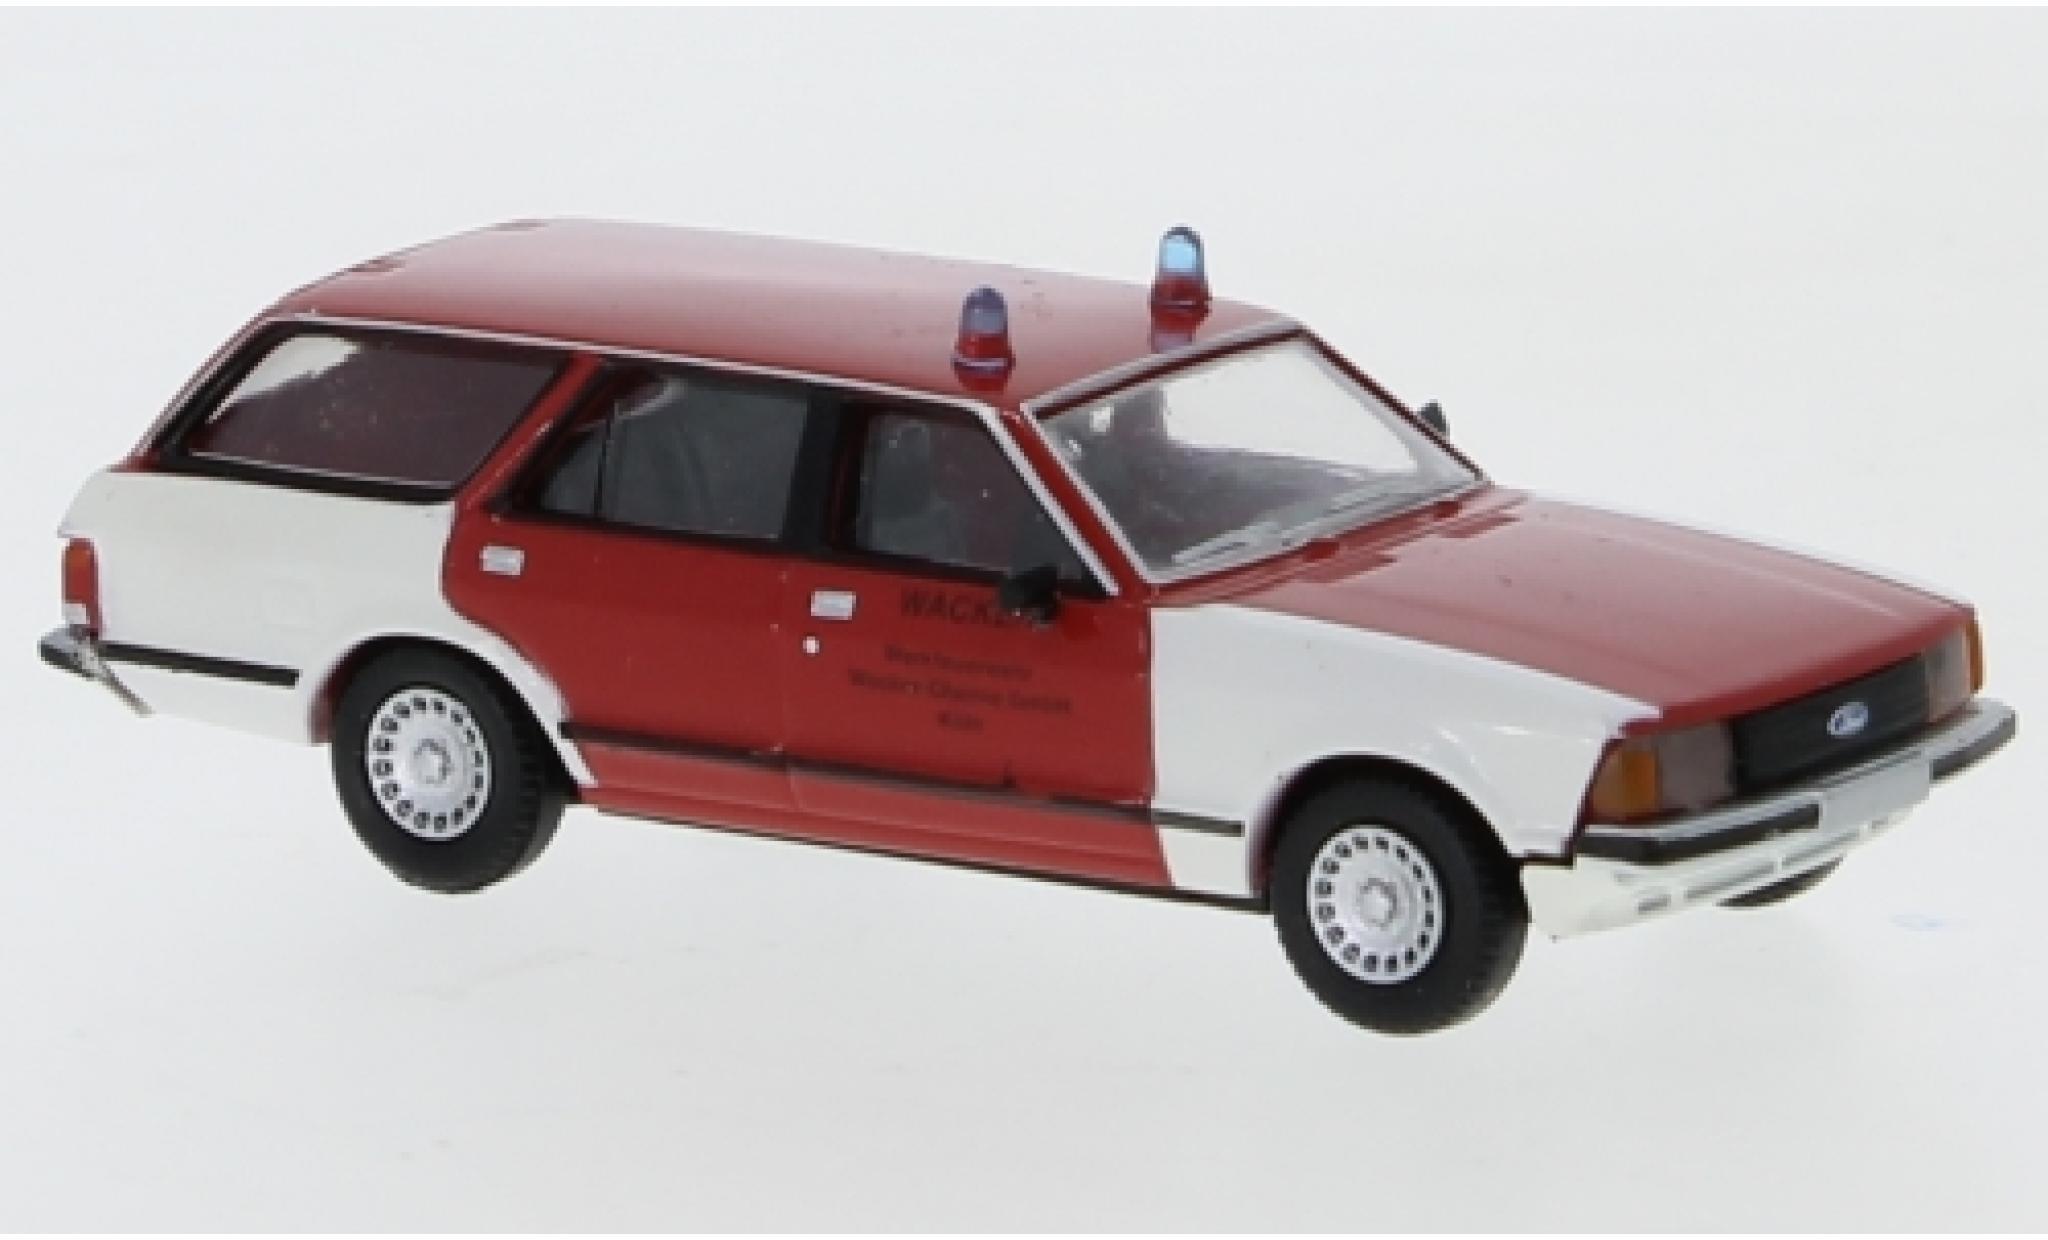 Ford Granada 1/87 Brekina II Turnier Werkfeuerwehr Wacker Chemie 1977